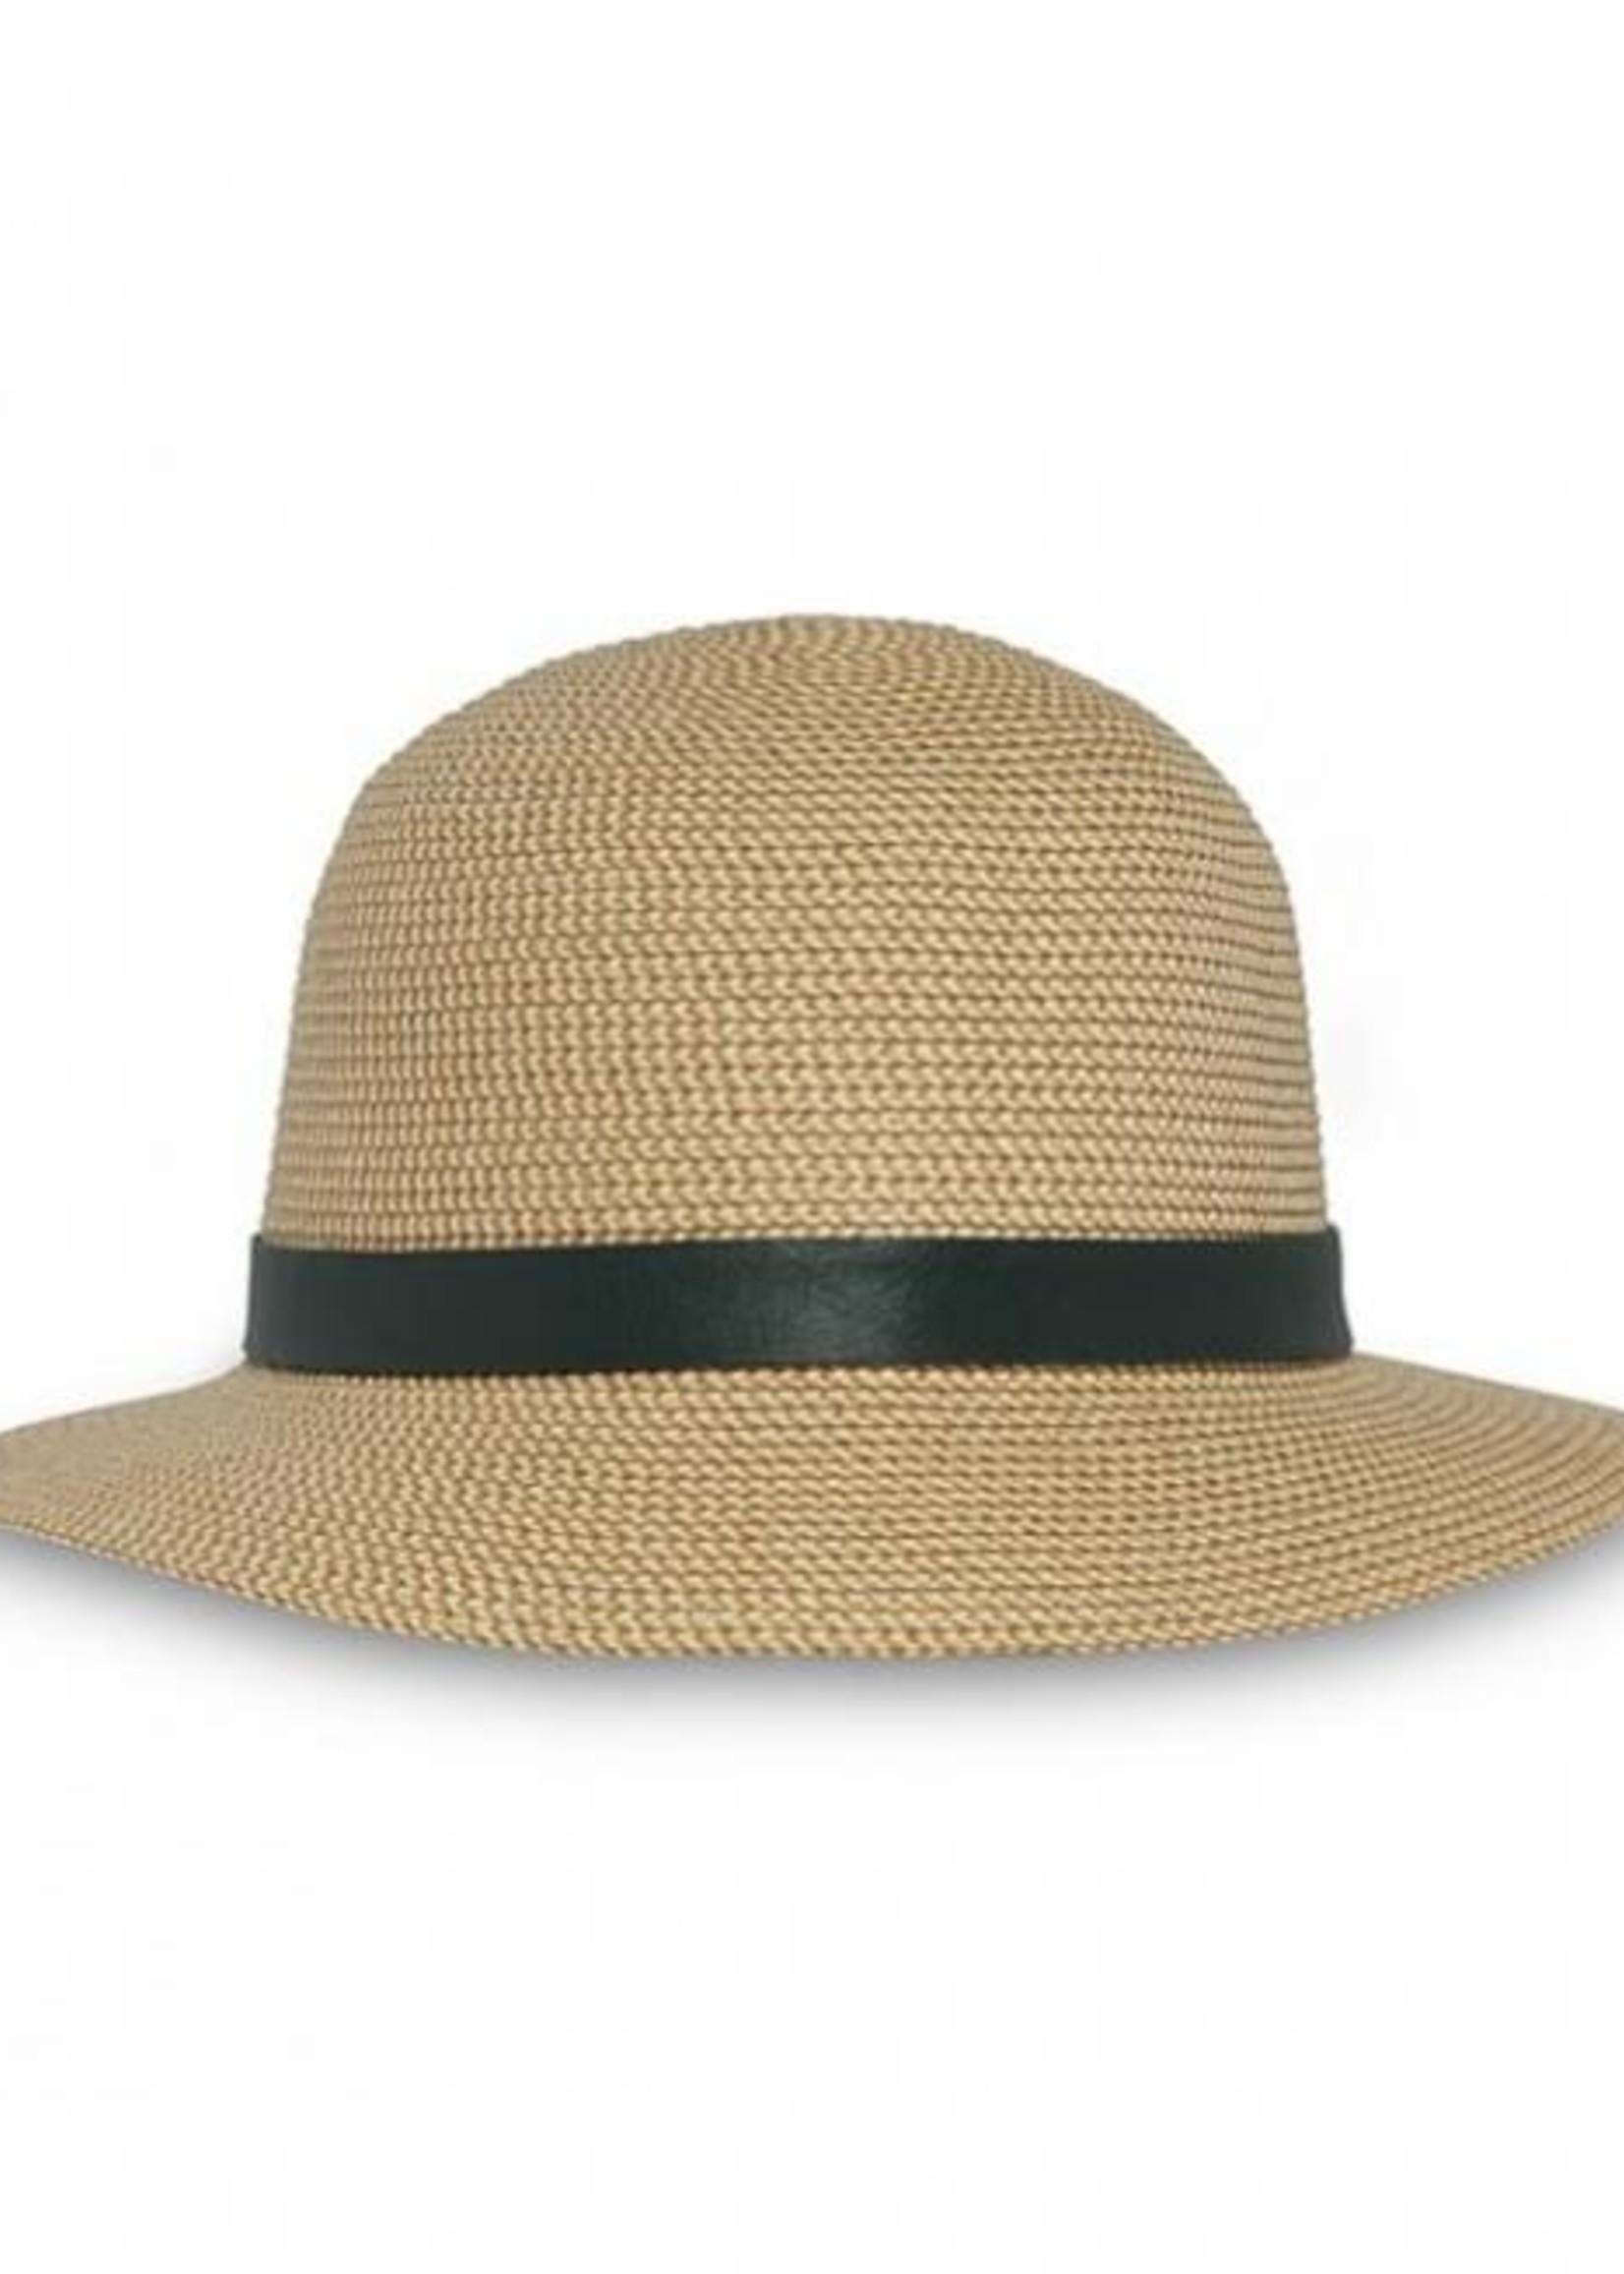 Sunday Afternoons LUNA HAT